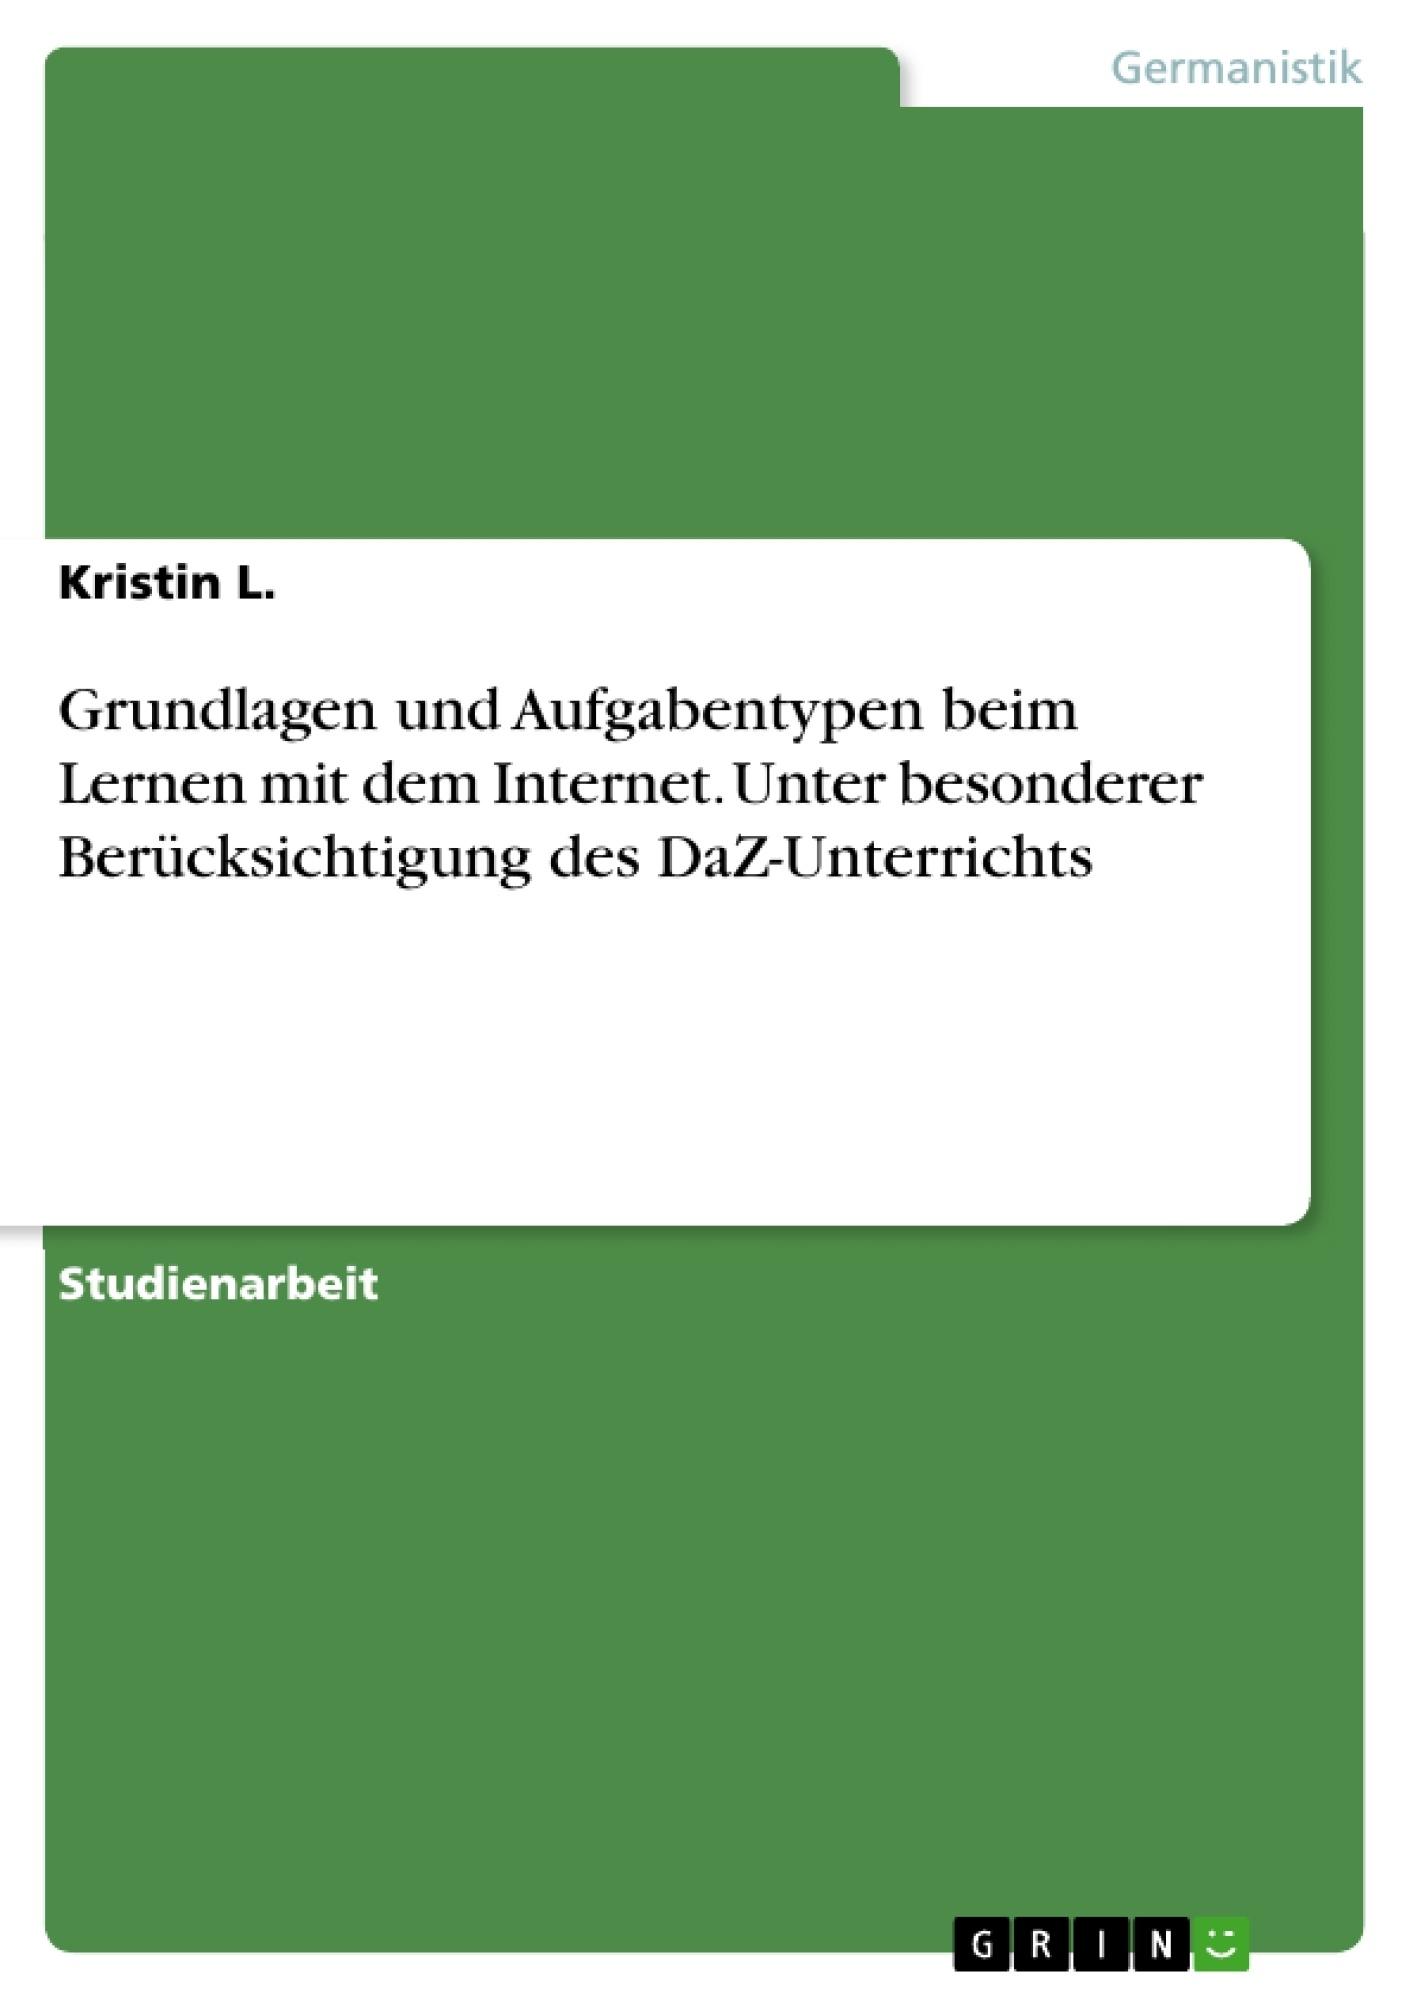 Titel: Grundlagen und Aufgabentypen beim Lernen mit dem Internet. Unter besonderer Berücksichtigung des DaZ-Unterrichts